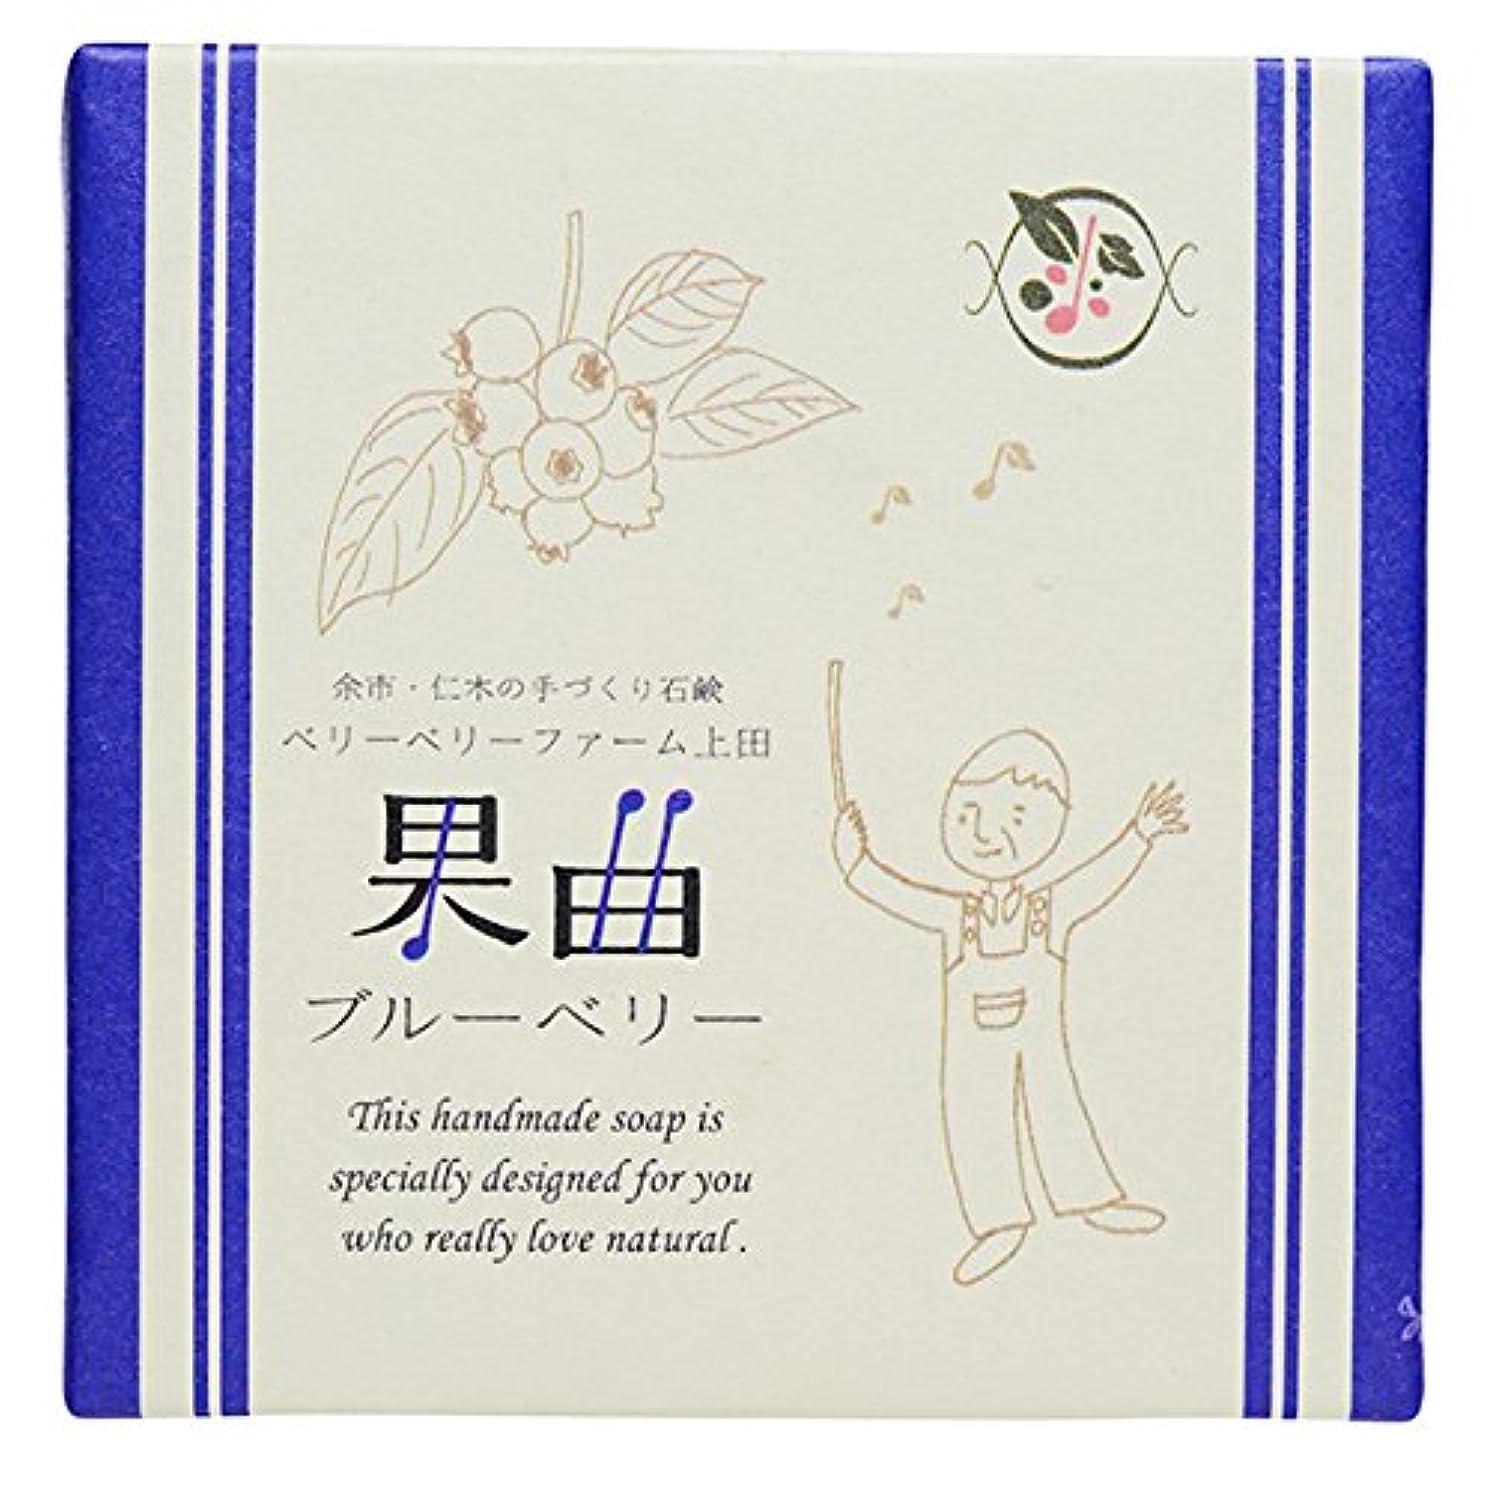 社交的呼び出す農村余市町仁木のベリーベリーファーム上田との共同開発 果曲(ブルーベリー)純練り石鹸